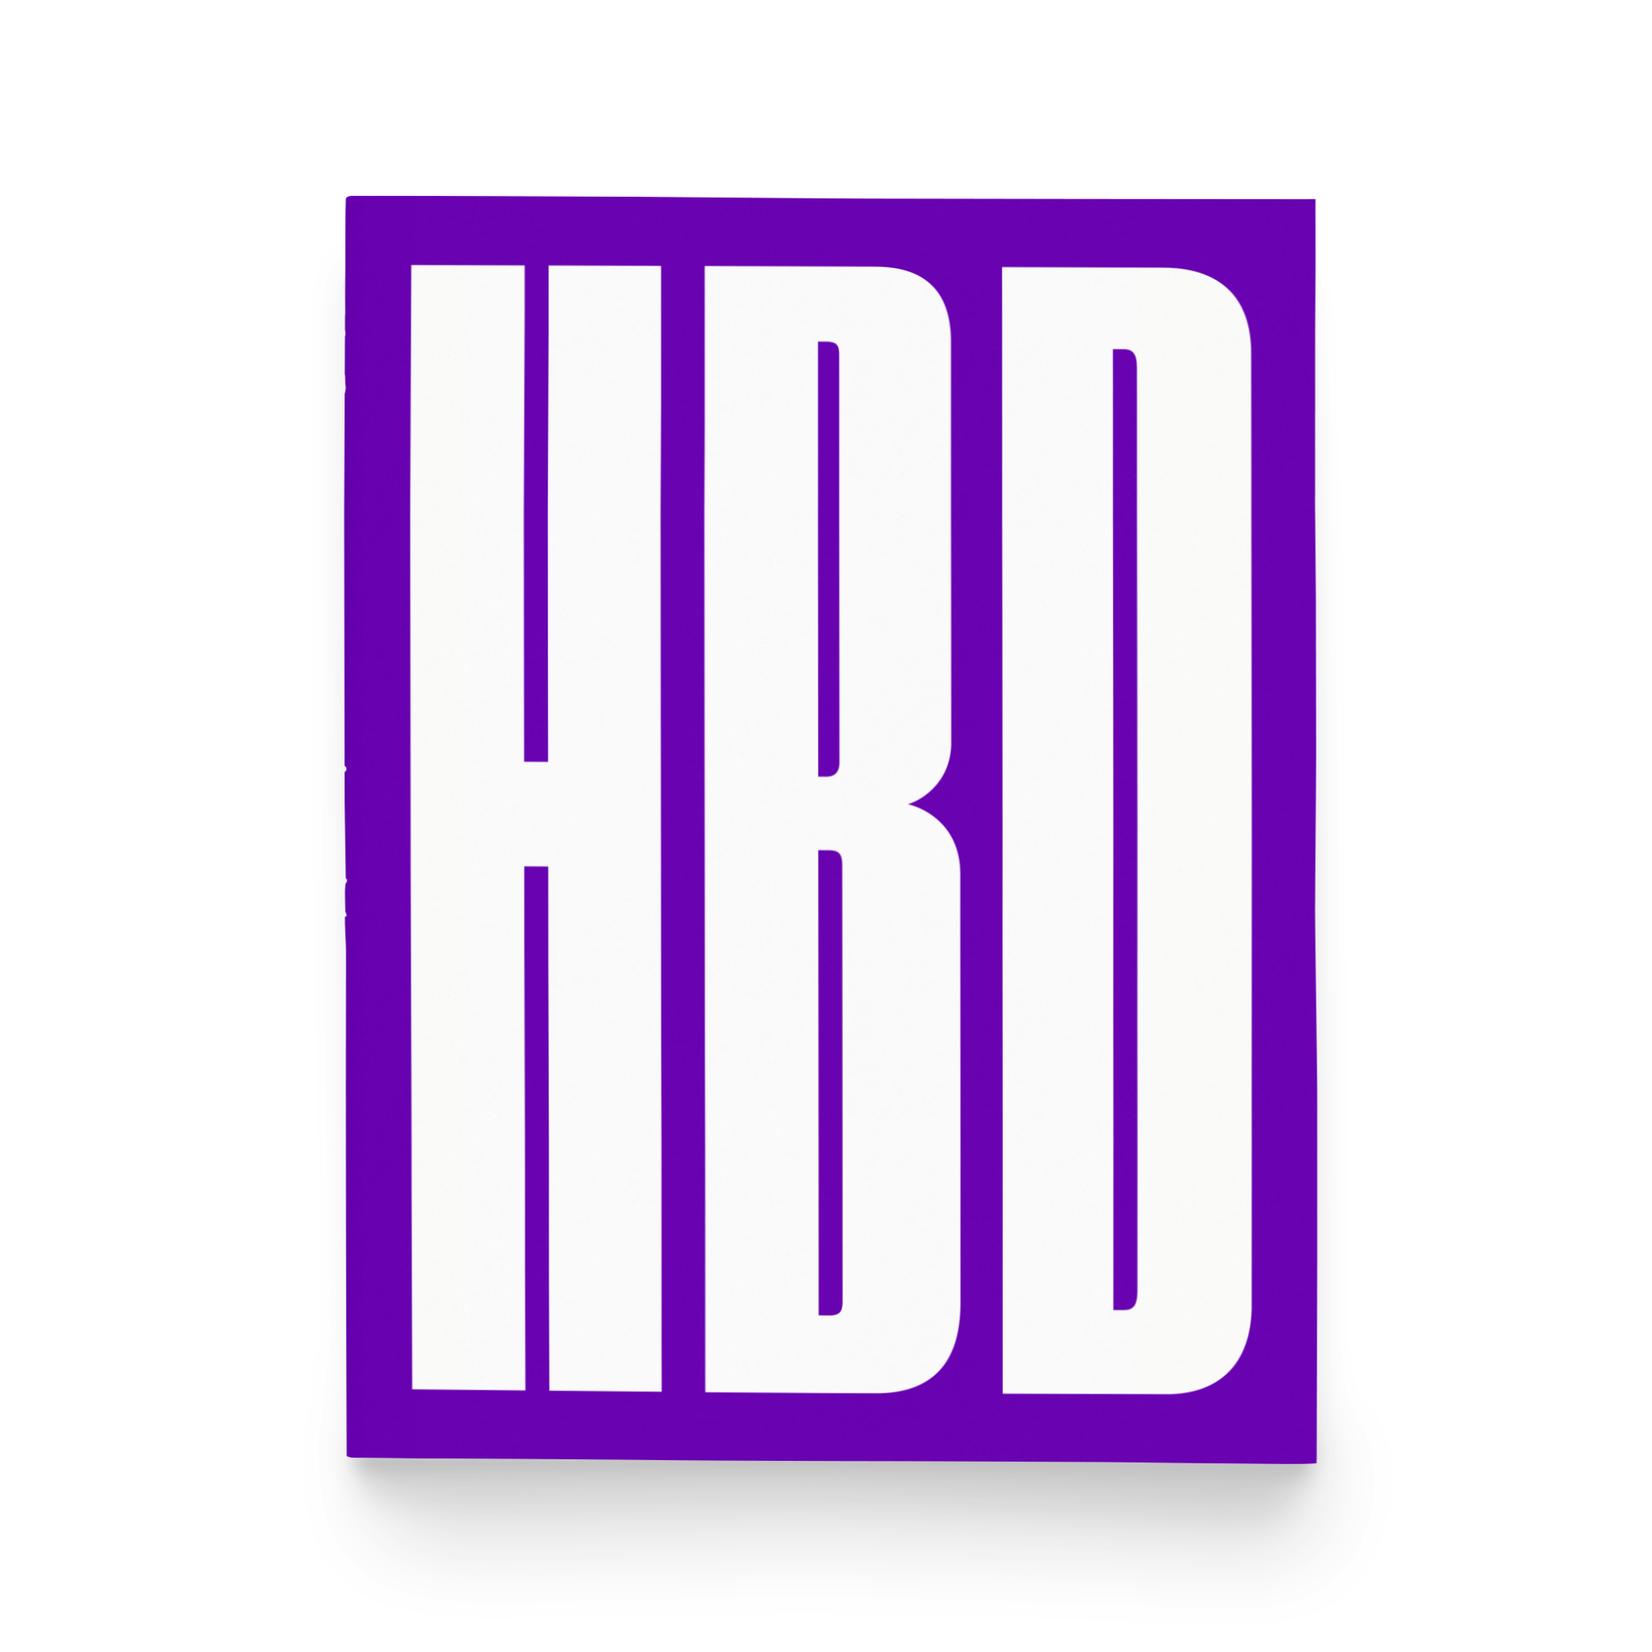 Paper & Stuff Paper & Stuff Tall HBD Happy Birthday Purple